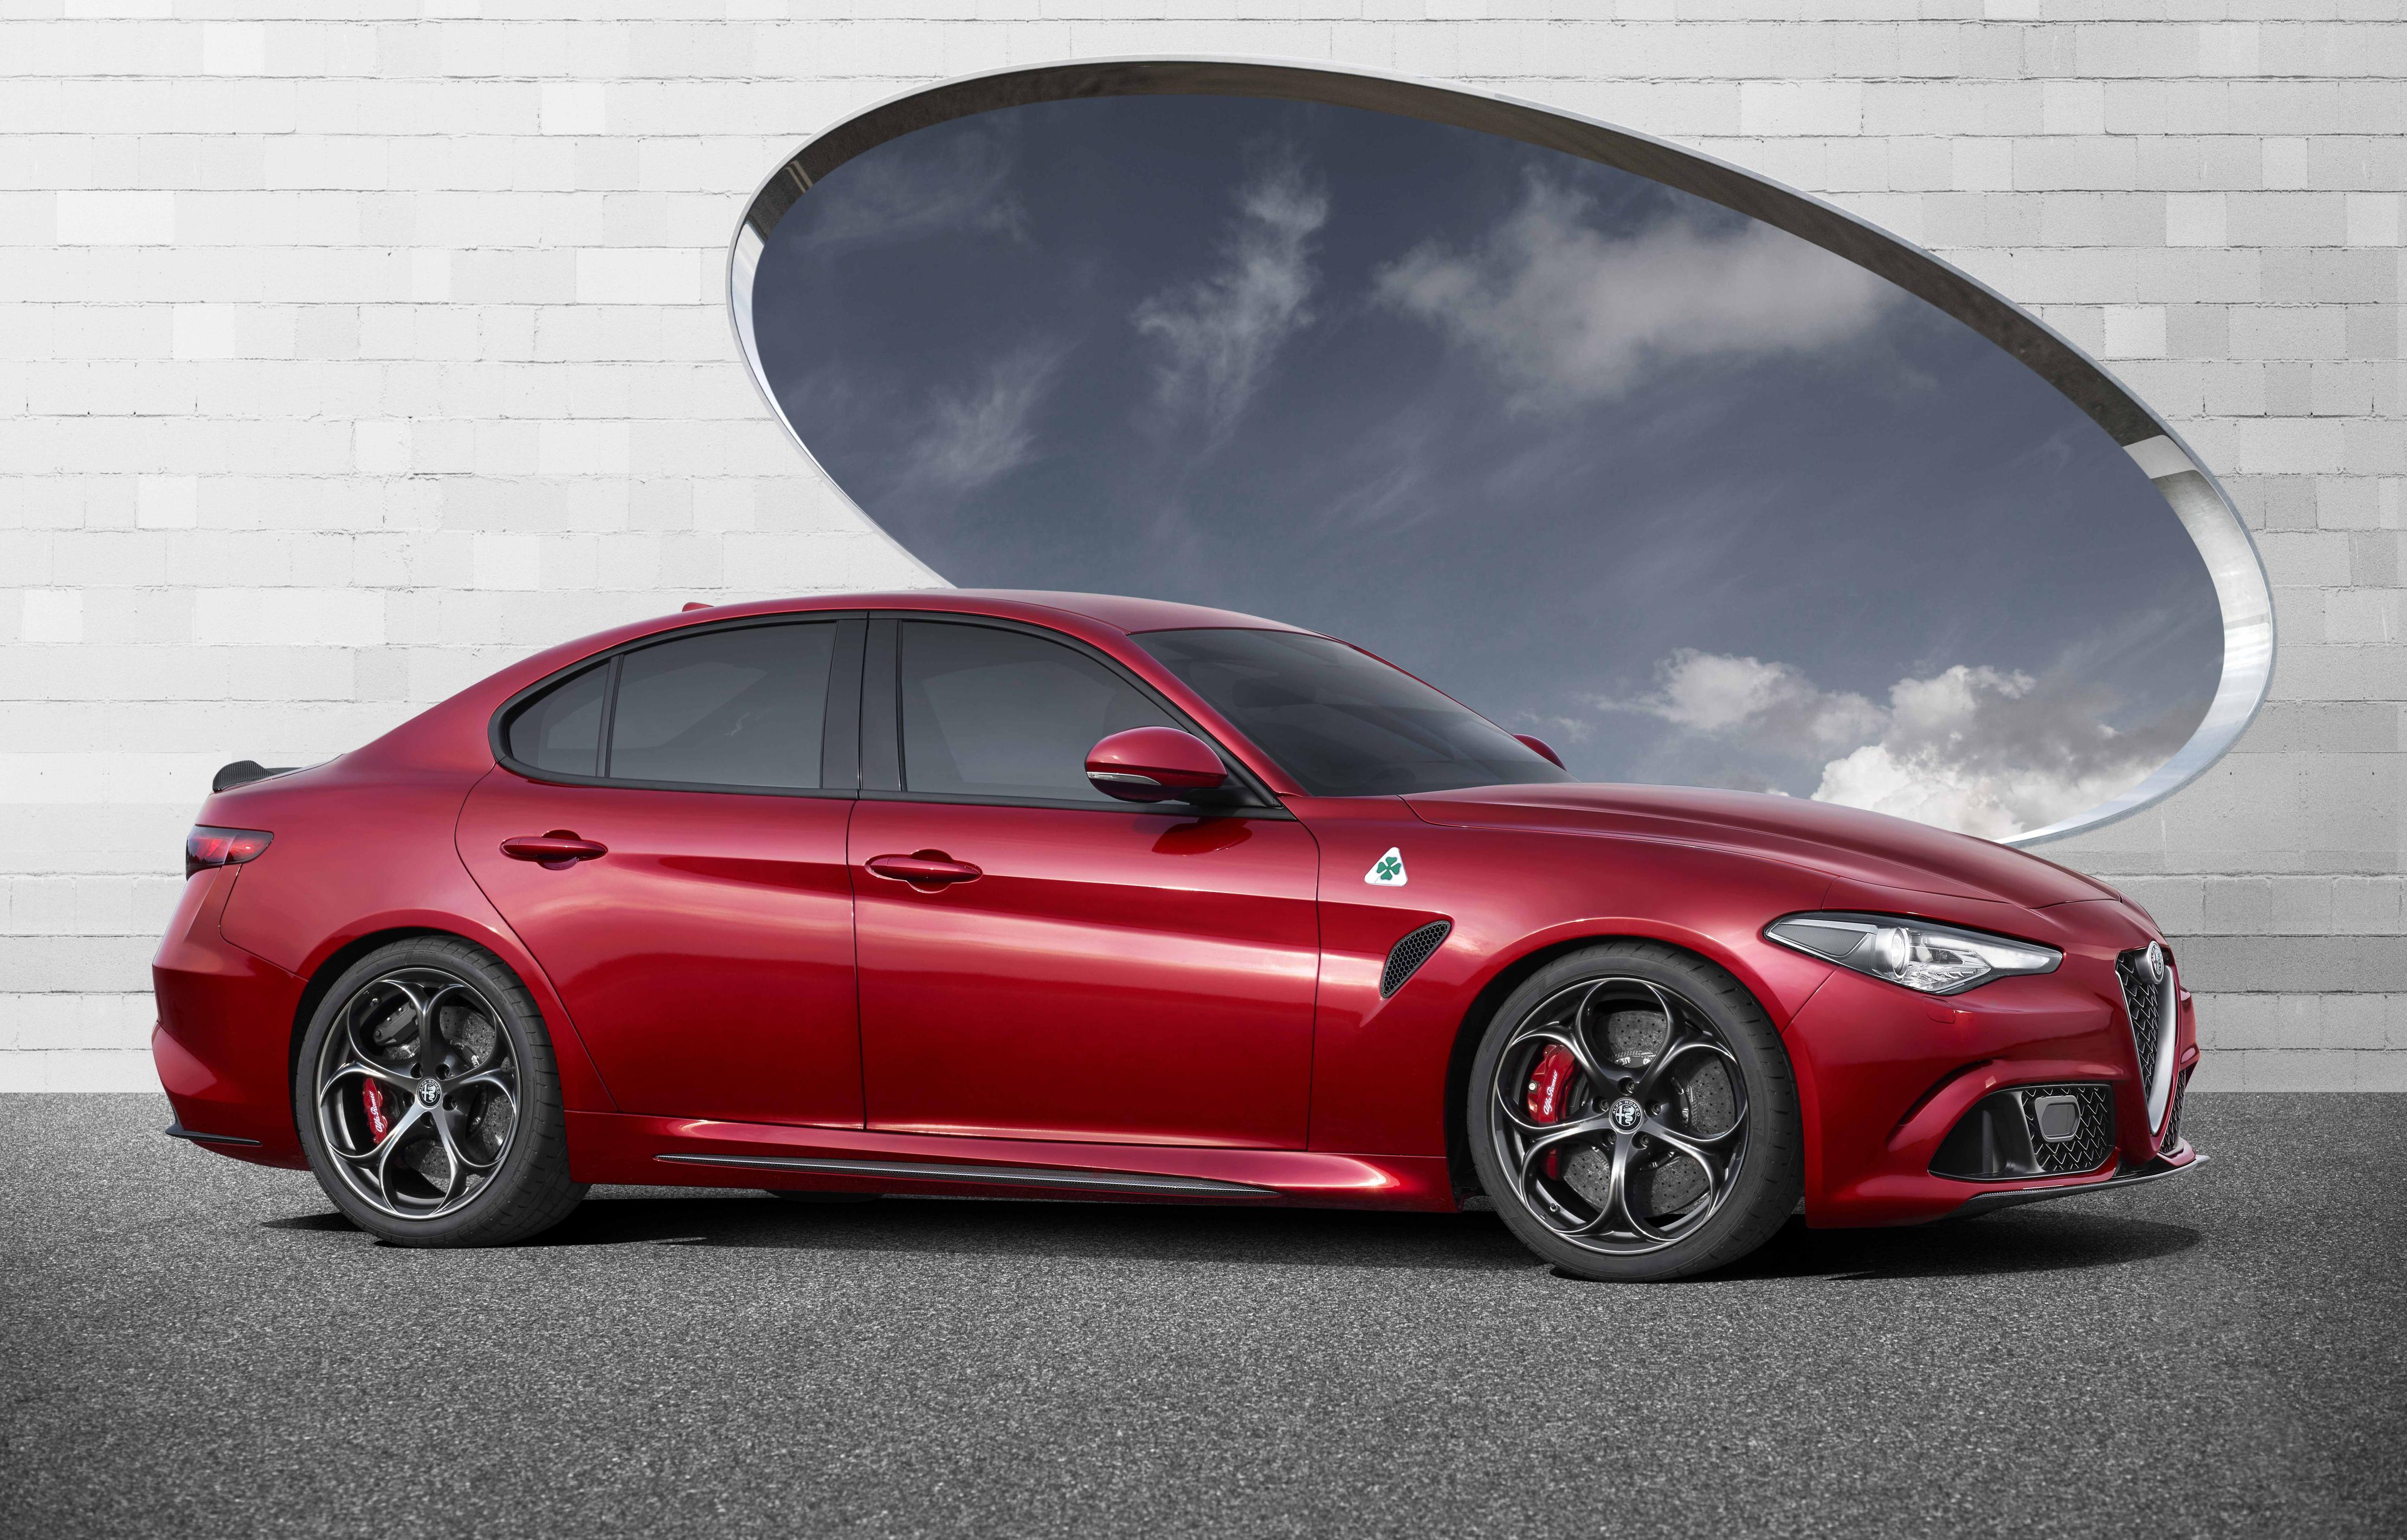 Стали известны цены на новый спортивный автомобиль Альфа Ромео Giulia